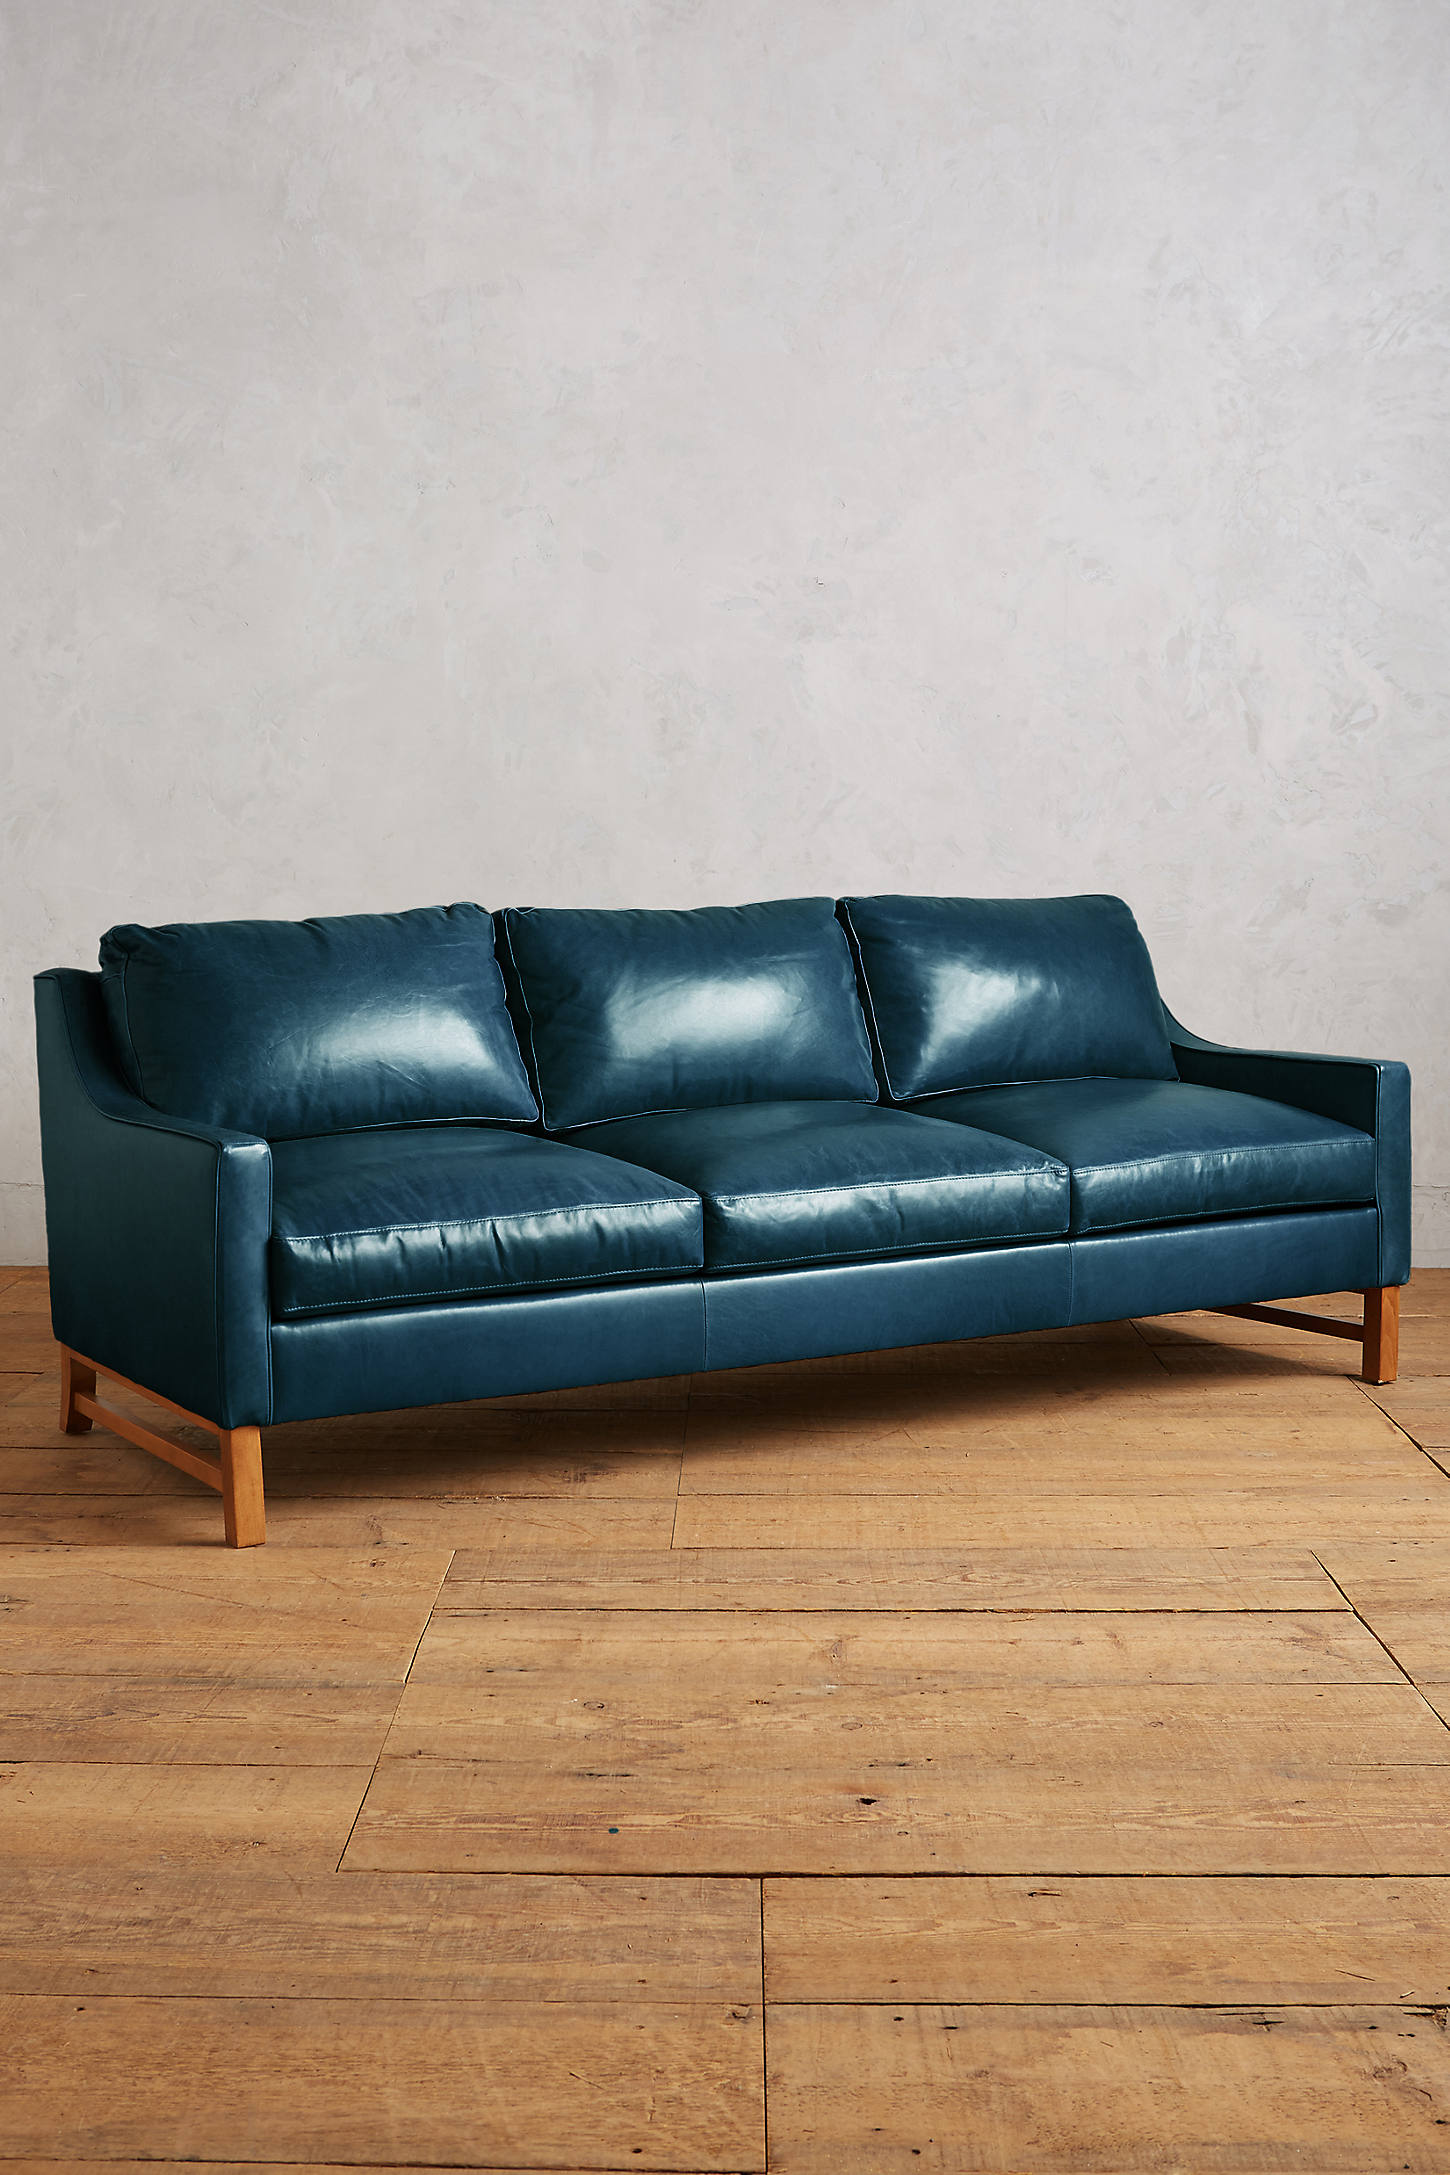 Premium Leather Dorada Sofa